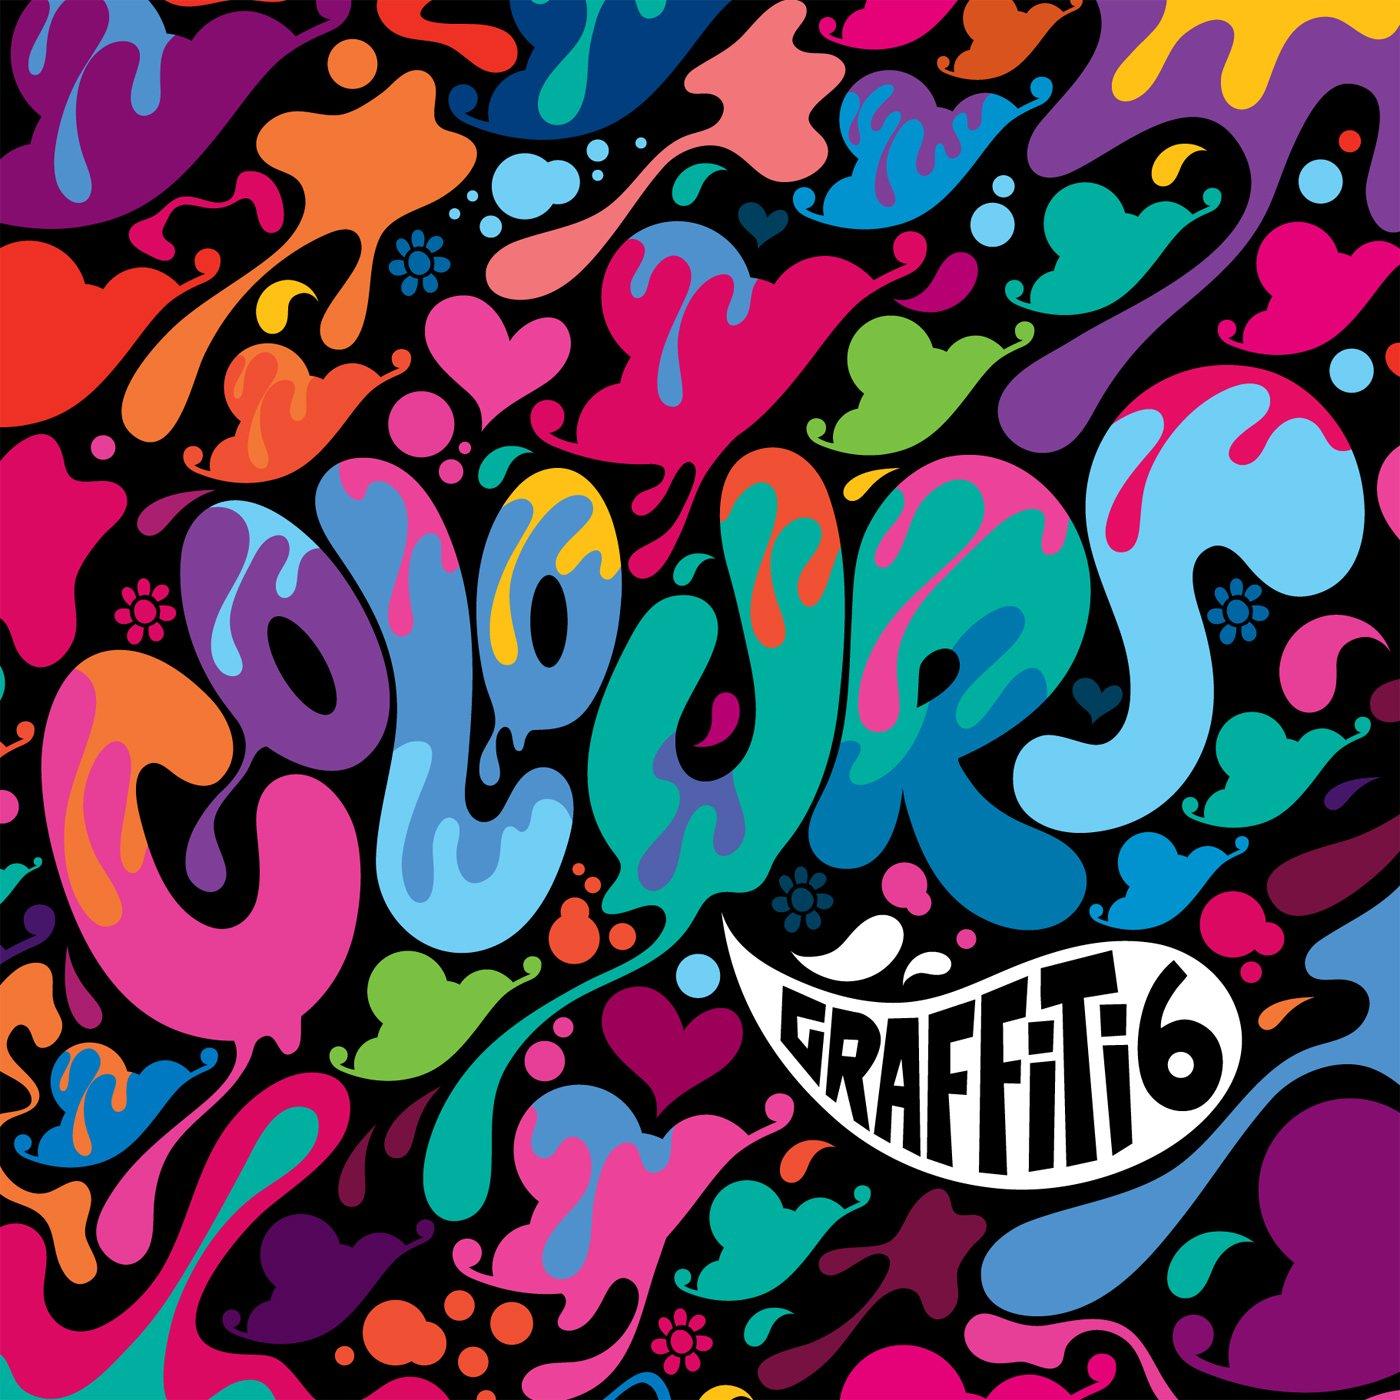 Graffiti6 colours amazon com music